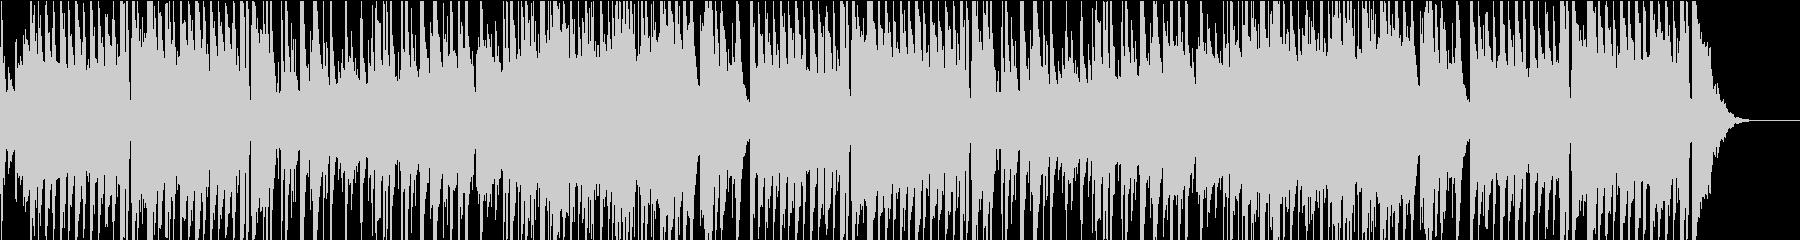 ピアノ主体の優しいBGMの未再生の波形